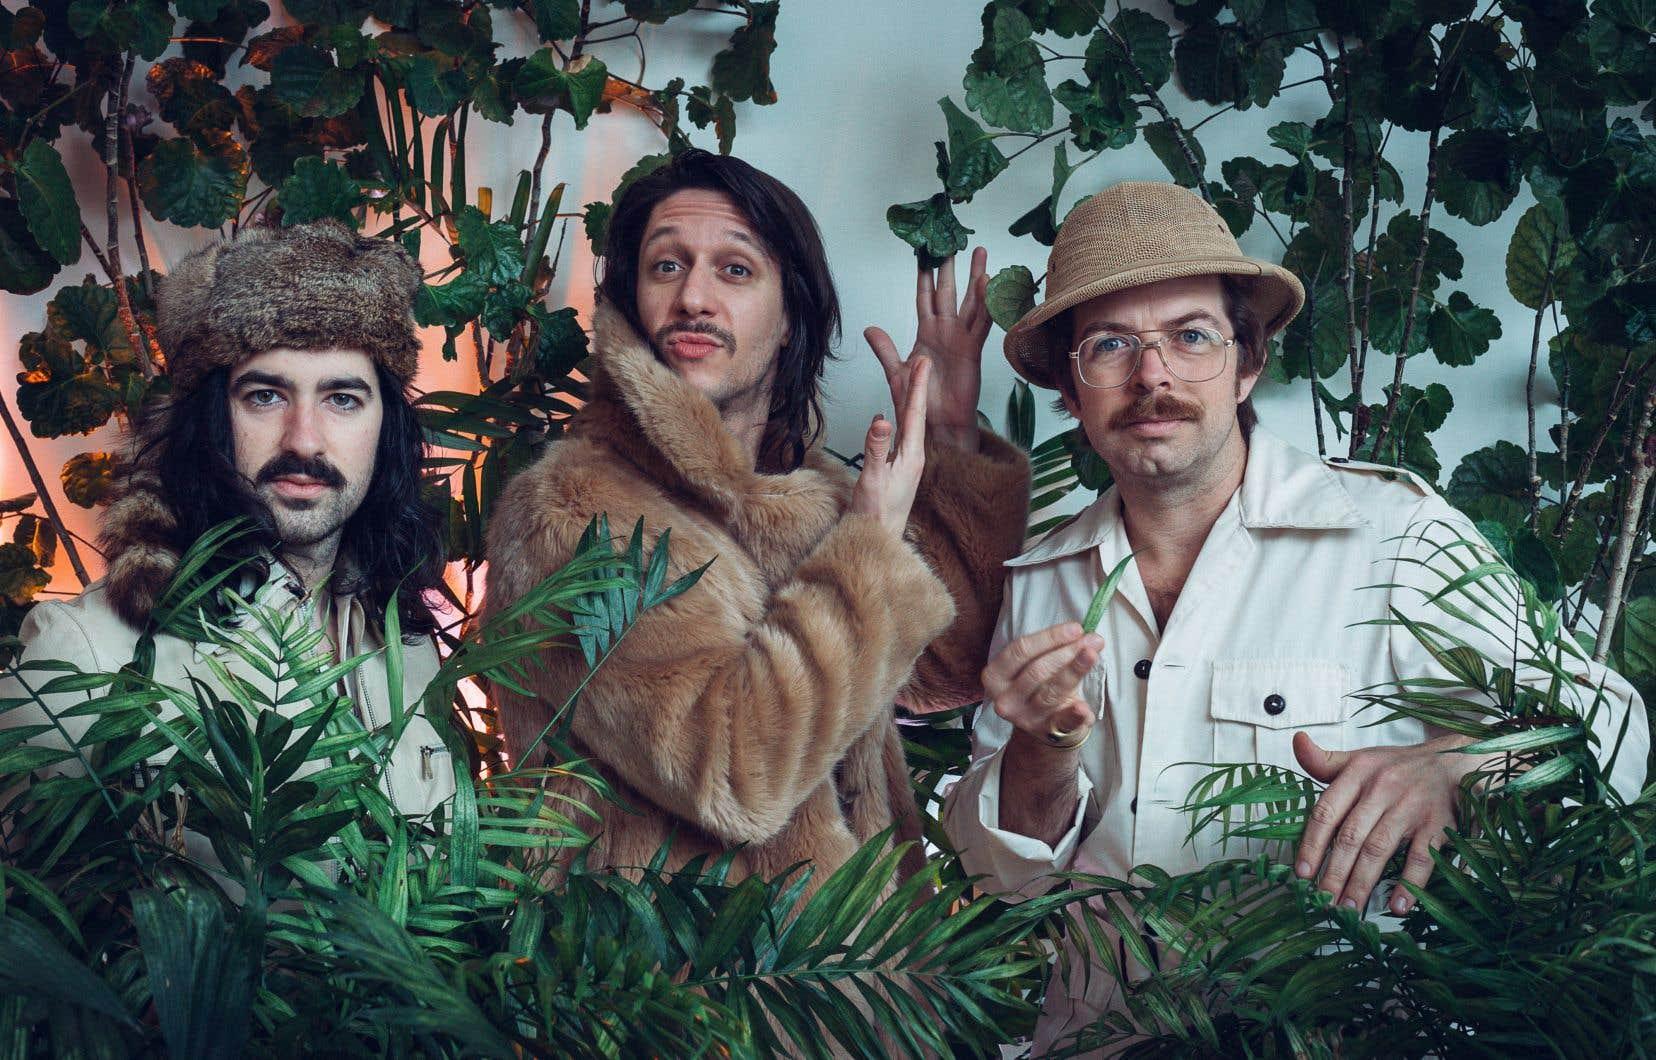 Le trio composé d'Étienne Barry, d'Alexis Roberge et de Sébastien Paquin (de gauche à droite) lance un album qui transporte la musique pop québécoise du Brésil à l'Italie des années 1980.